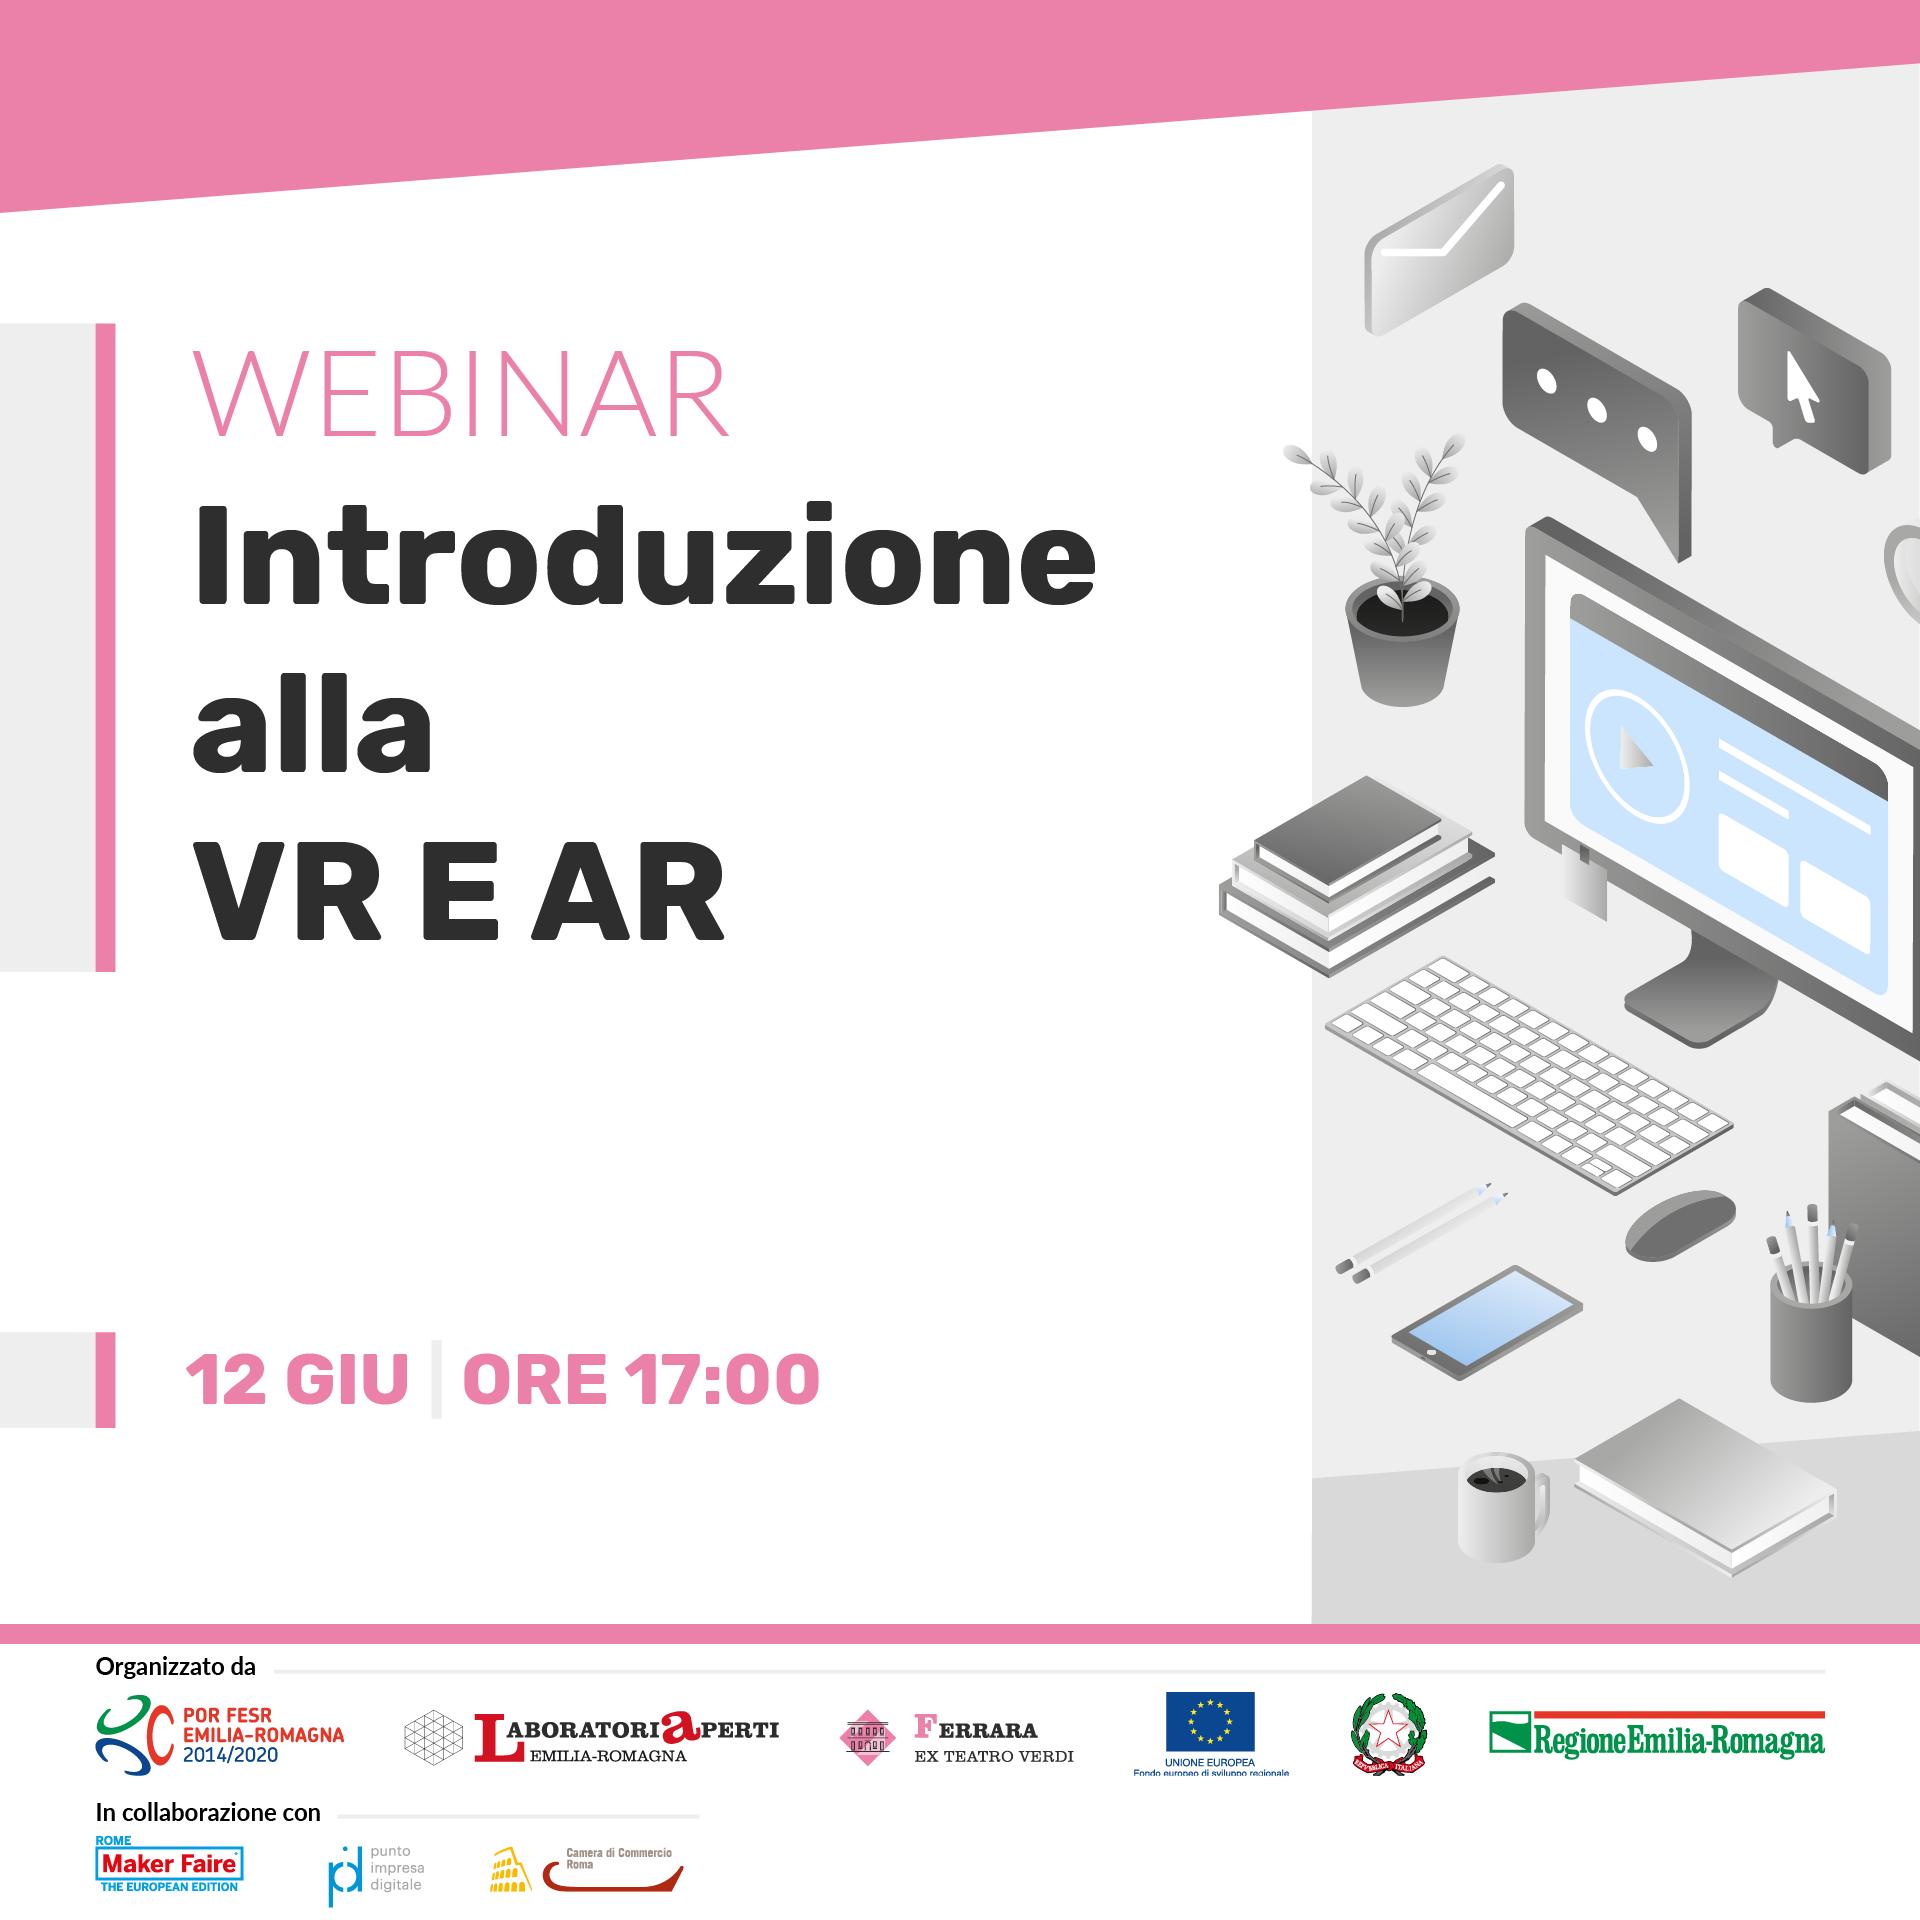 WEBINAR: Introduzione alla Virtual Reality e Augmented Reality  | 12 giugno H 17:00